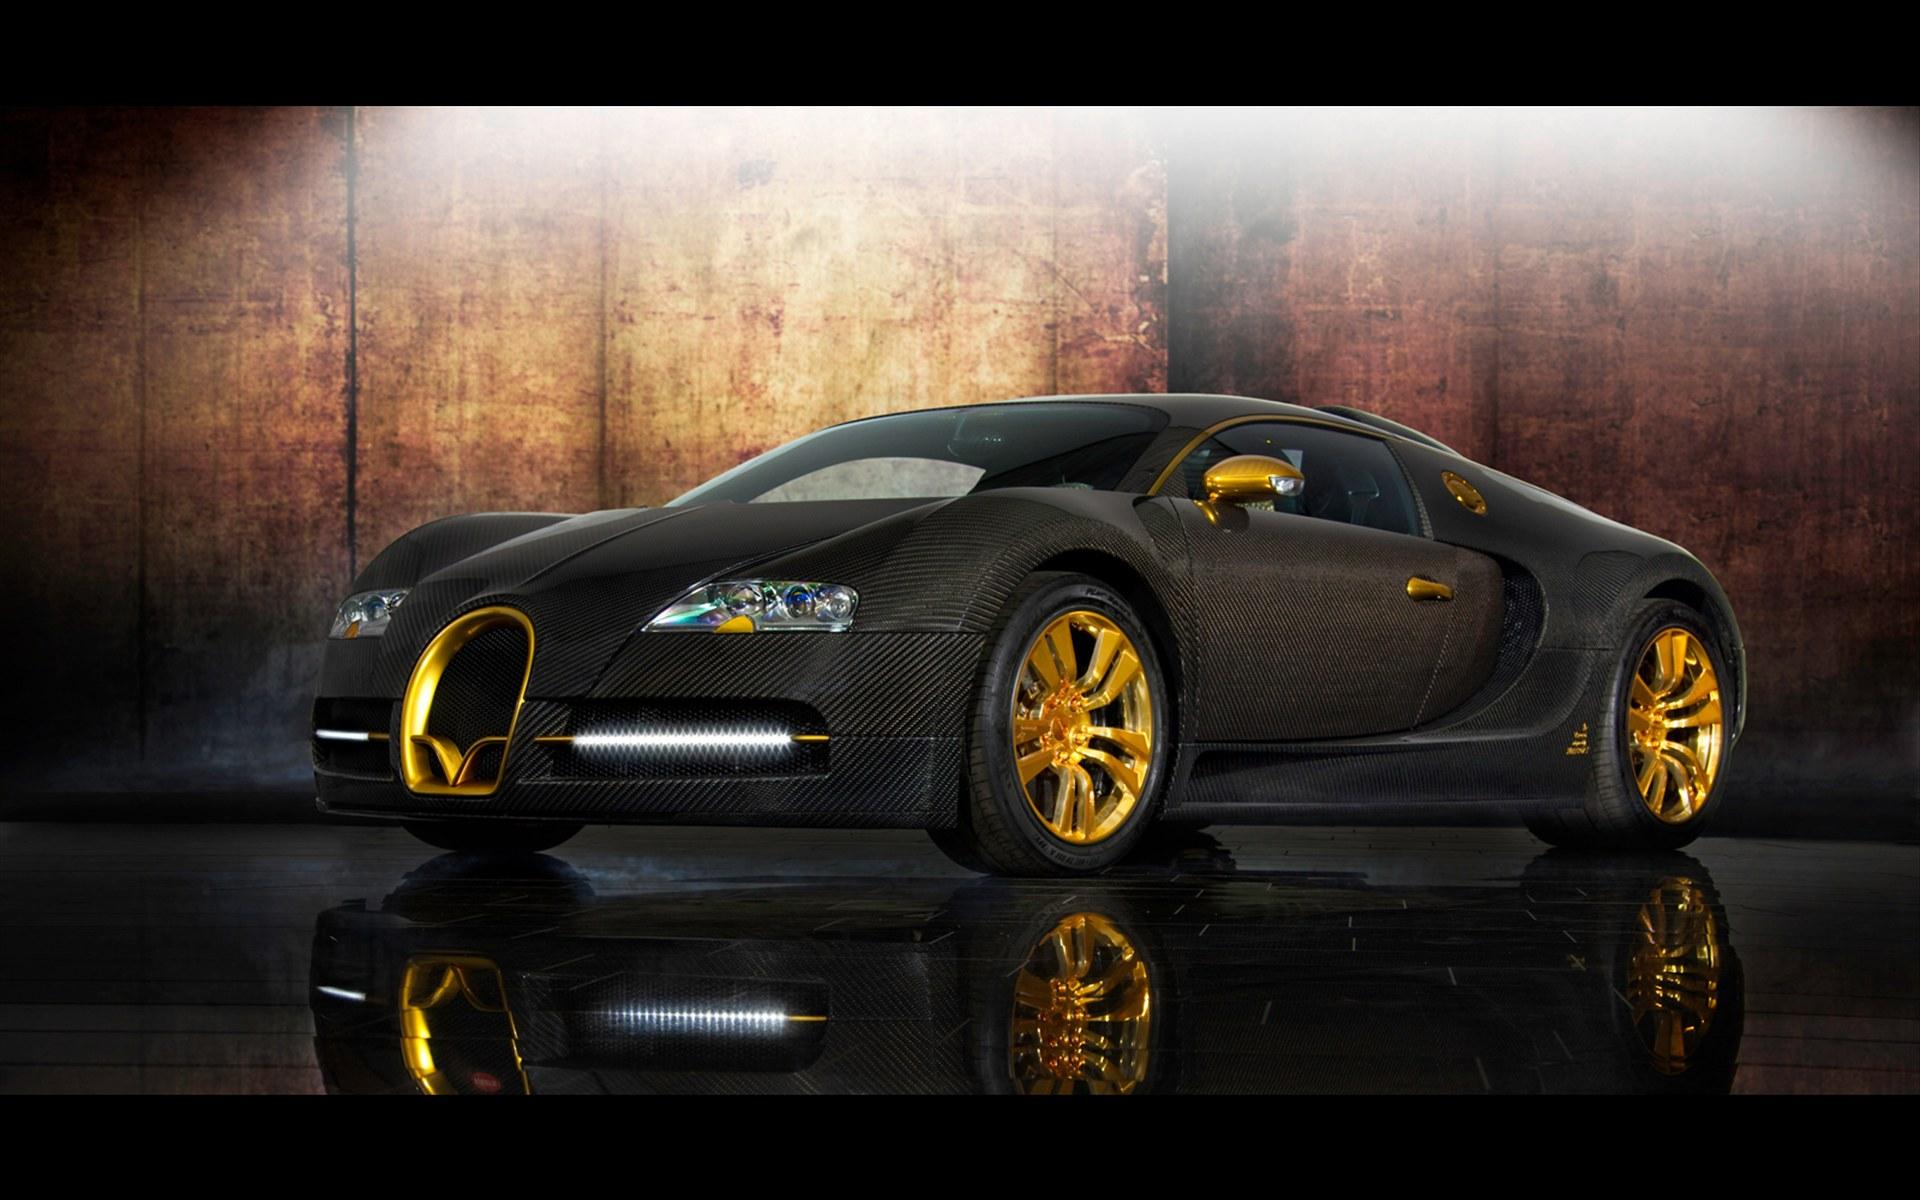 Super Car Wallpaper Retina Display Gold And Black Ferrari Wallpaper 11 High Resolution